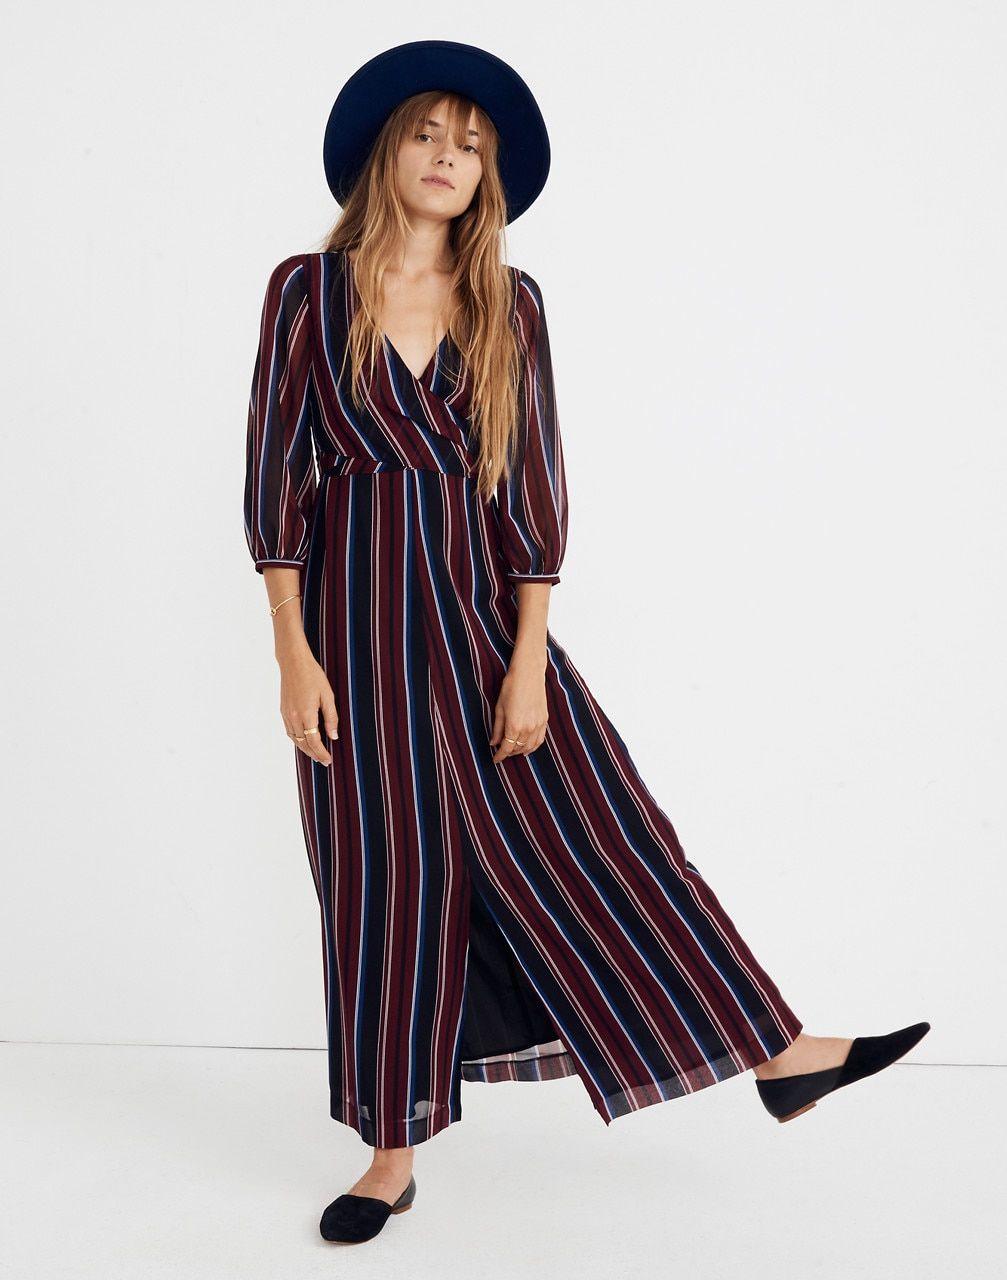 Wrap Around Maxi Dress In Stockdale Stripe In 2019